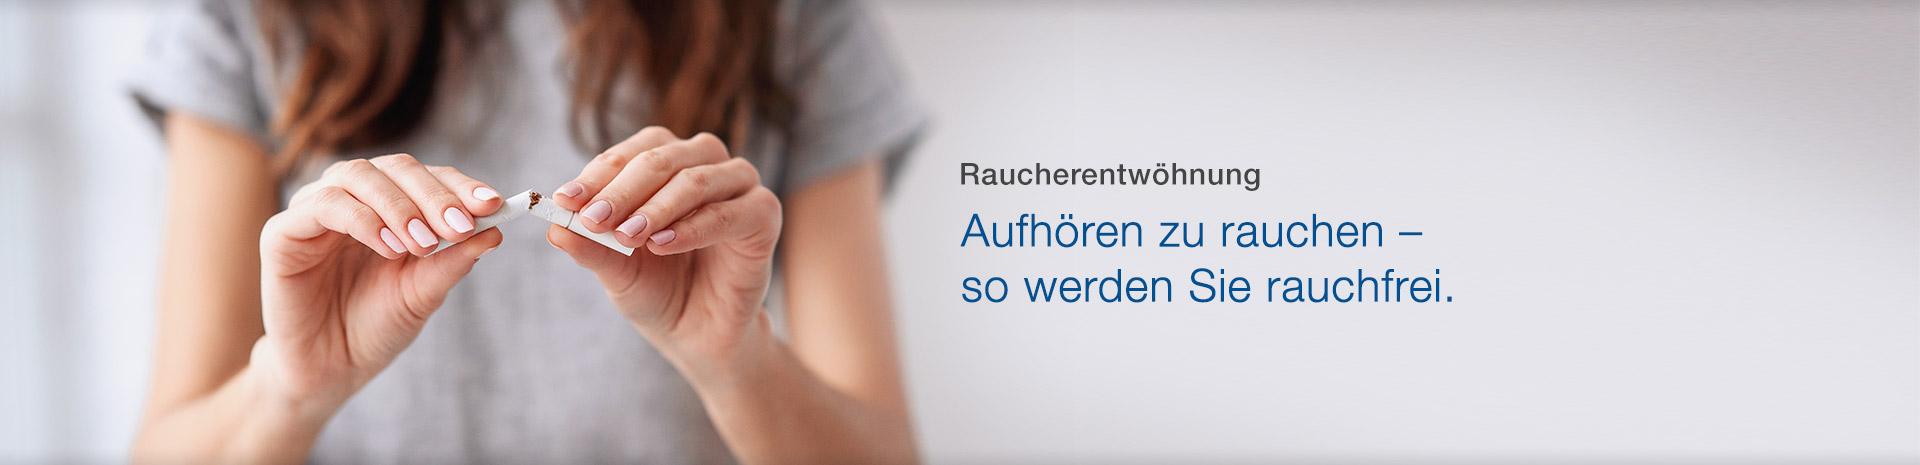 Rauchen aufhören ohne zunehmen? I Sprühen NicoZero in Deutschland